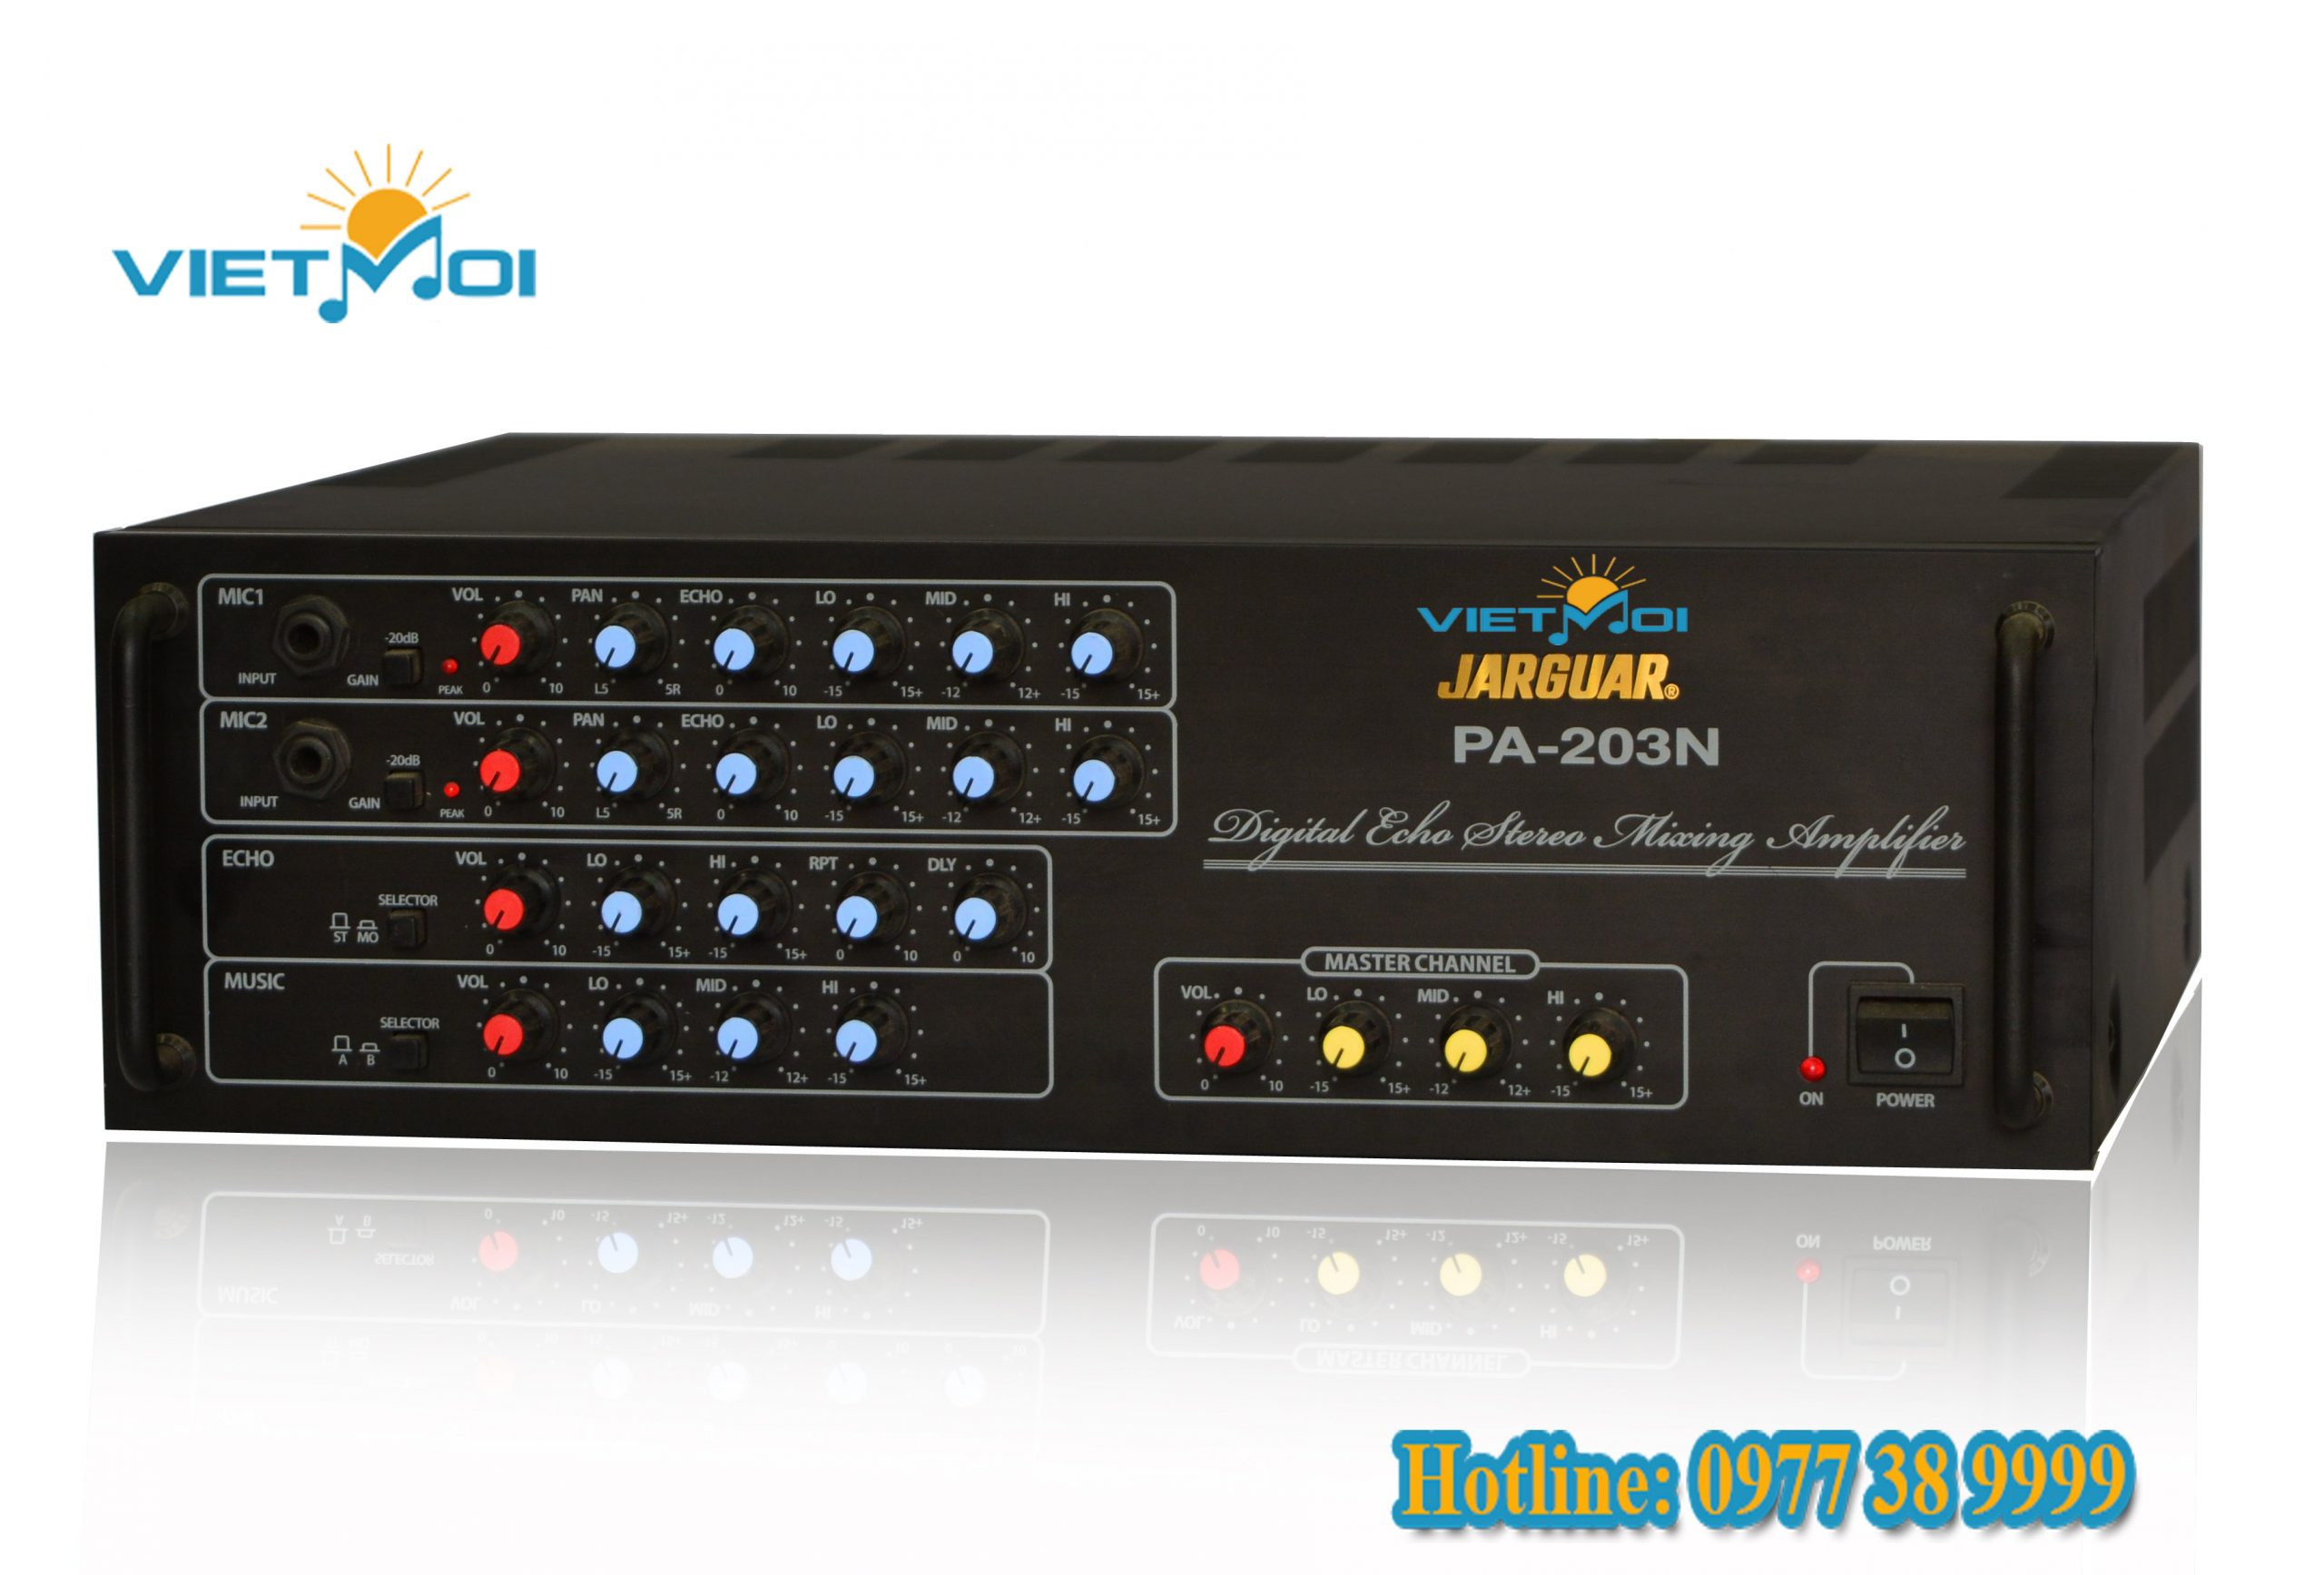 Đánh giá dòng sản phẩm Amply Jarguar 203N   Việt Mới Adudio